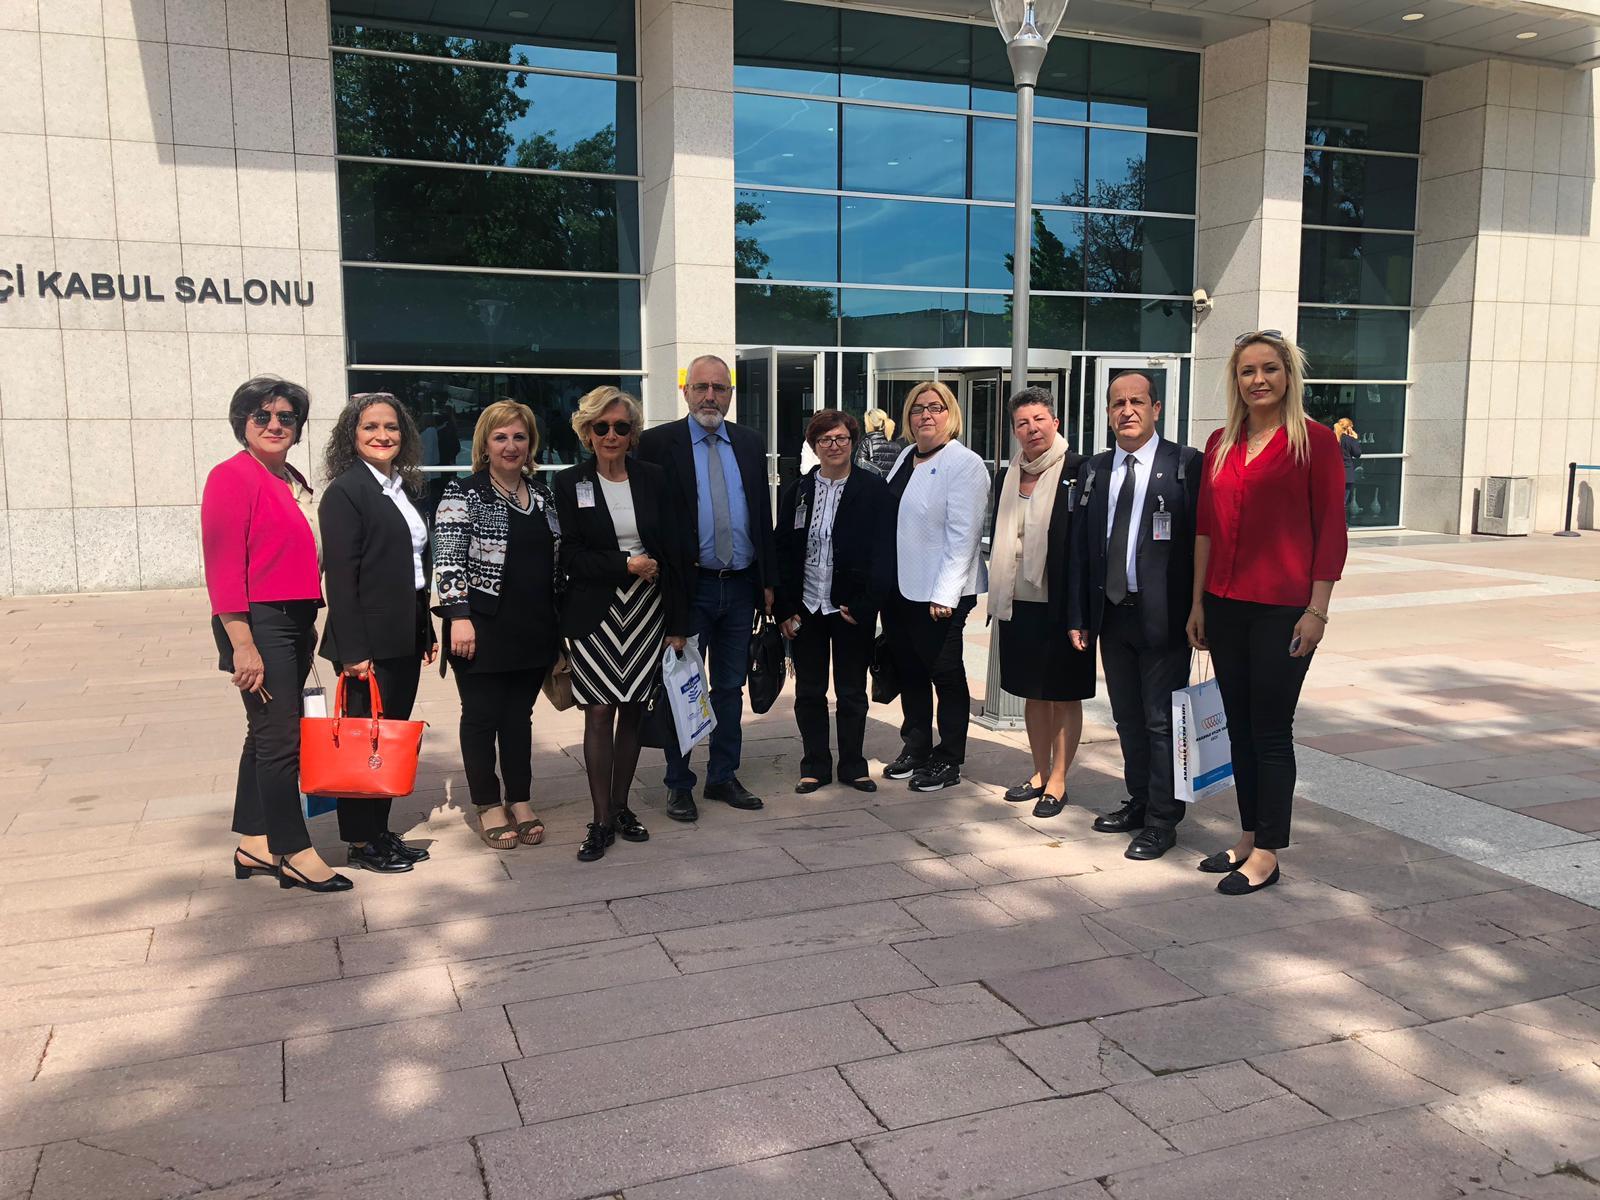 Otizm ve Diğer Gelişim Bozuklukları Araştırma Komisyonu üyesi milletvekillerini ziyaret ettik.